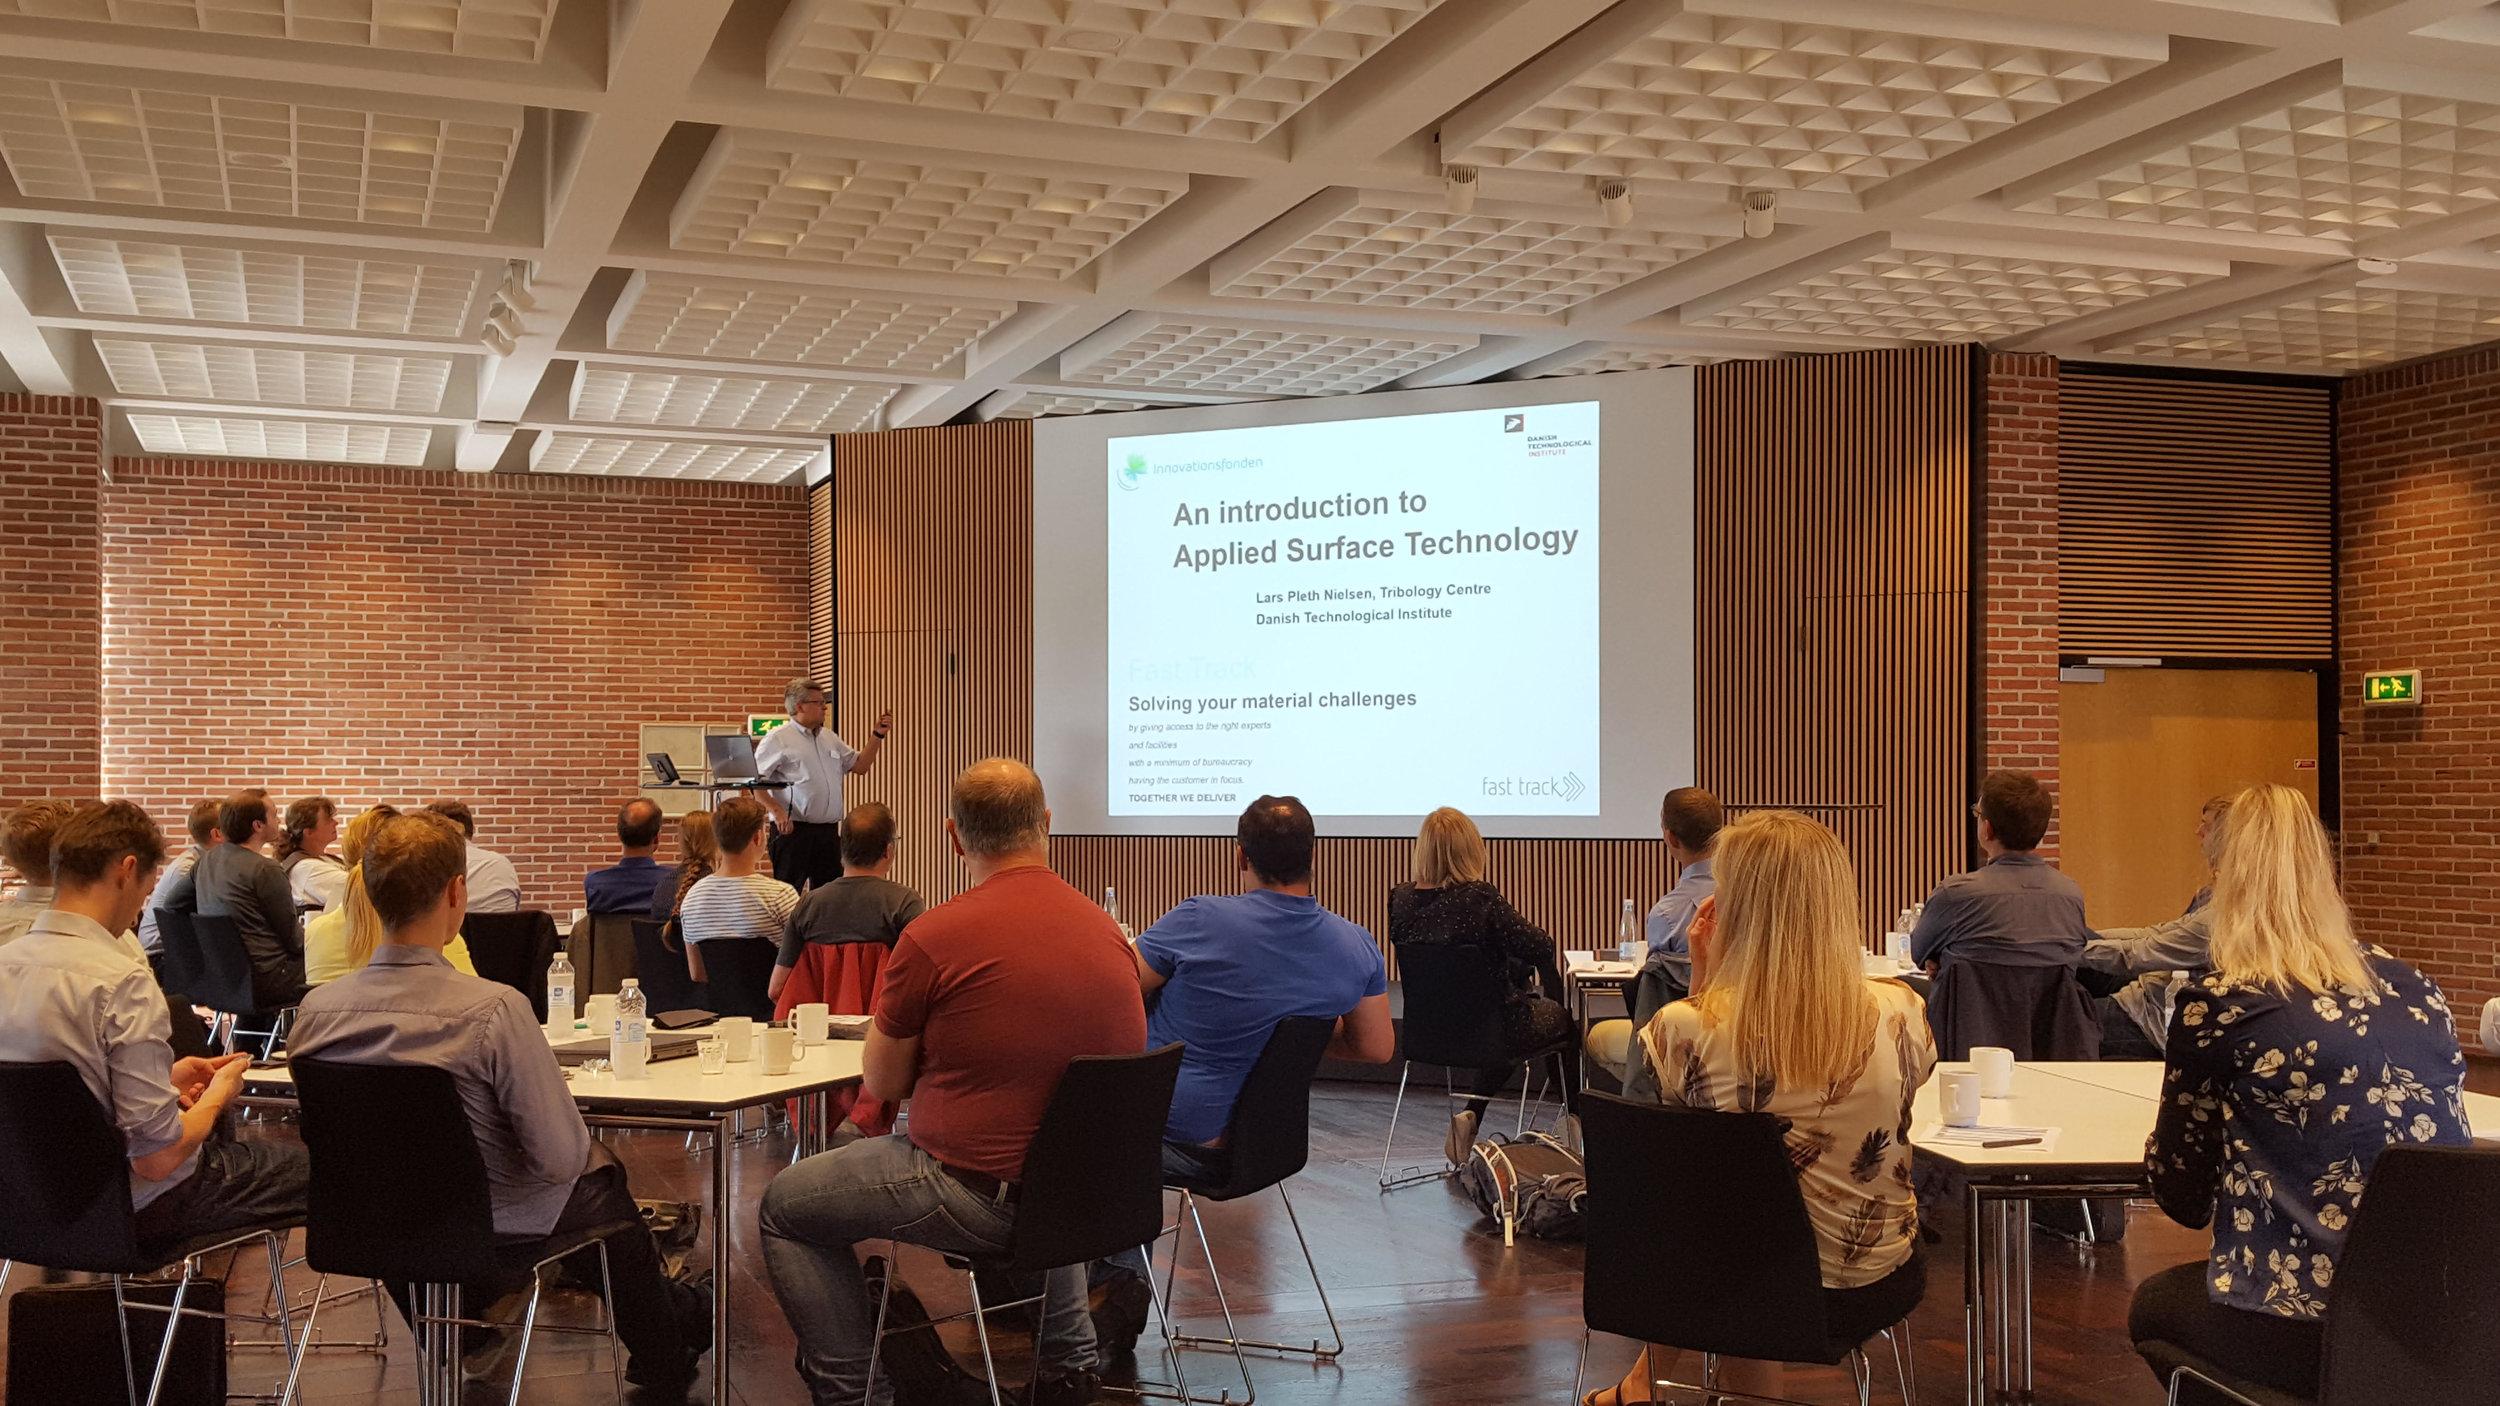 Arrangører og medlemmer af Fast Track Project Management Teamet, Lars Pleth Nielsen og Kasper Bondo Hansen, var godt tilfredse med dagens fremmøde på lidt over 60 fagfolk.